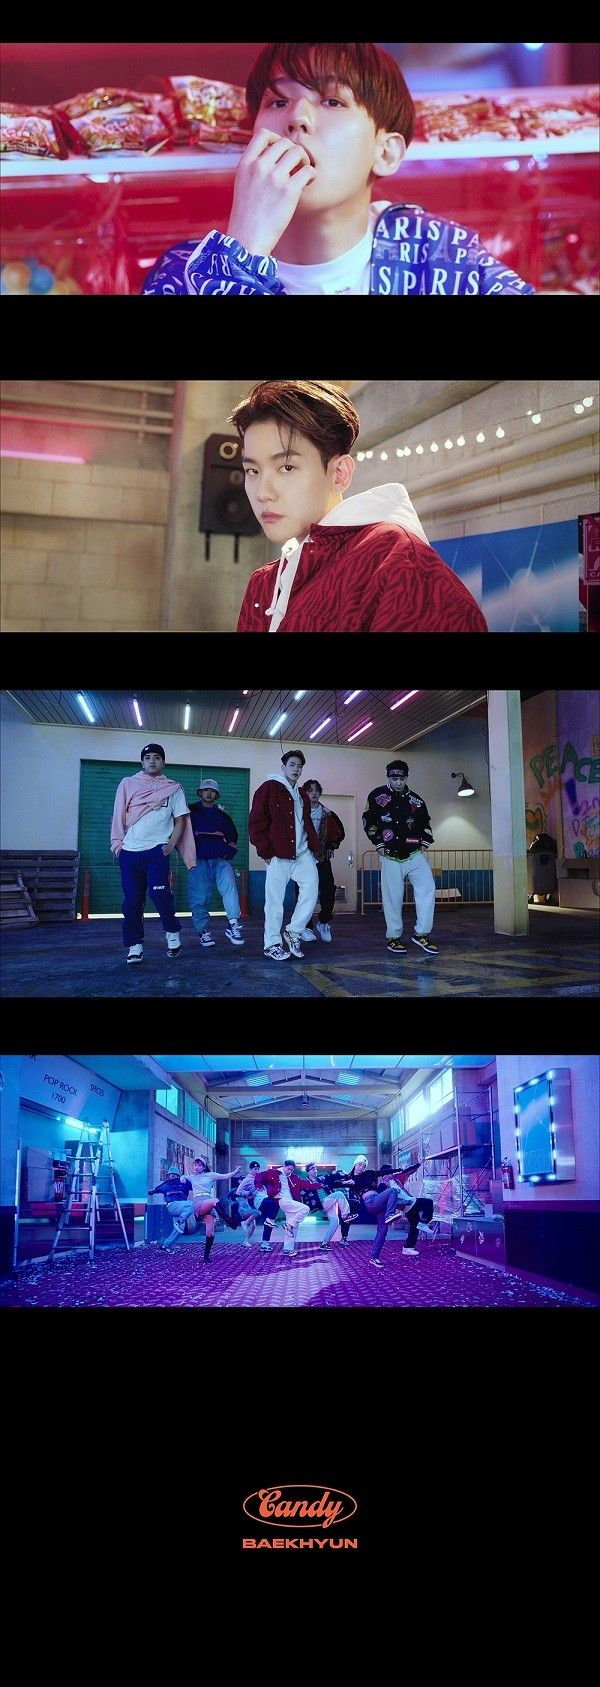 백현, 신곡 '캔디' MV 티저 공개…자유분방+리드미컬 퍼포먼스